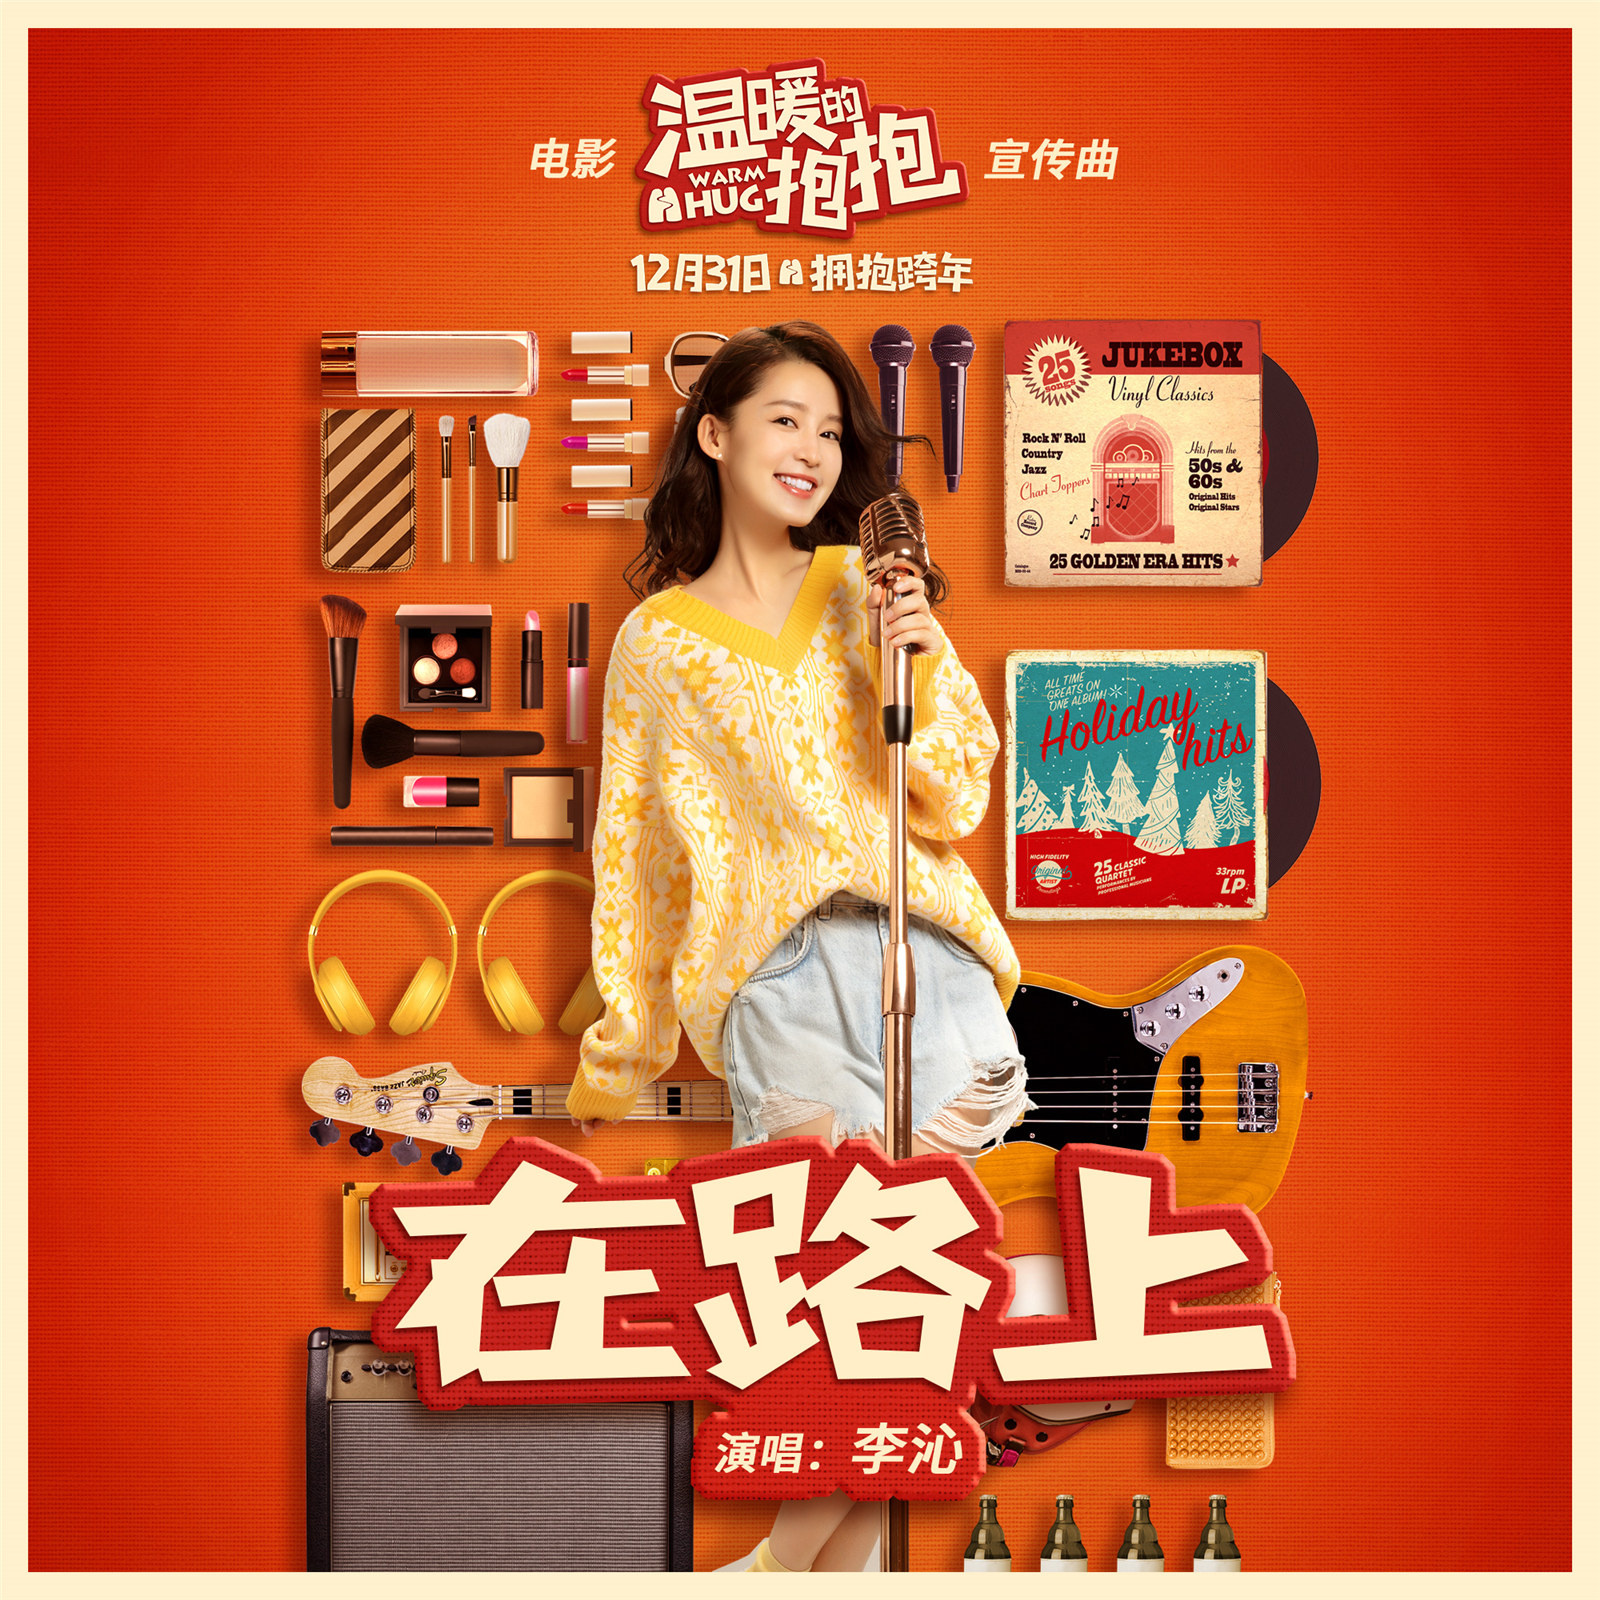 《温暖的抱抱》单日票房亚洲秦上海送好运